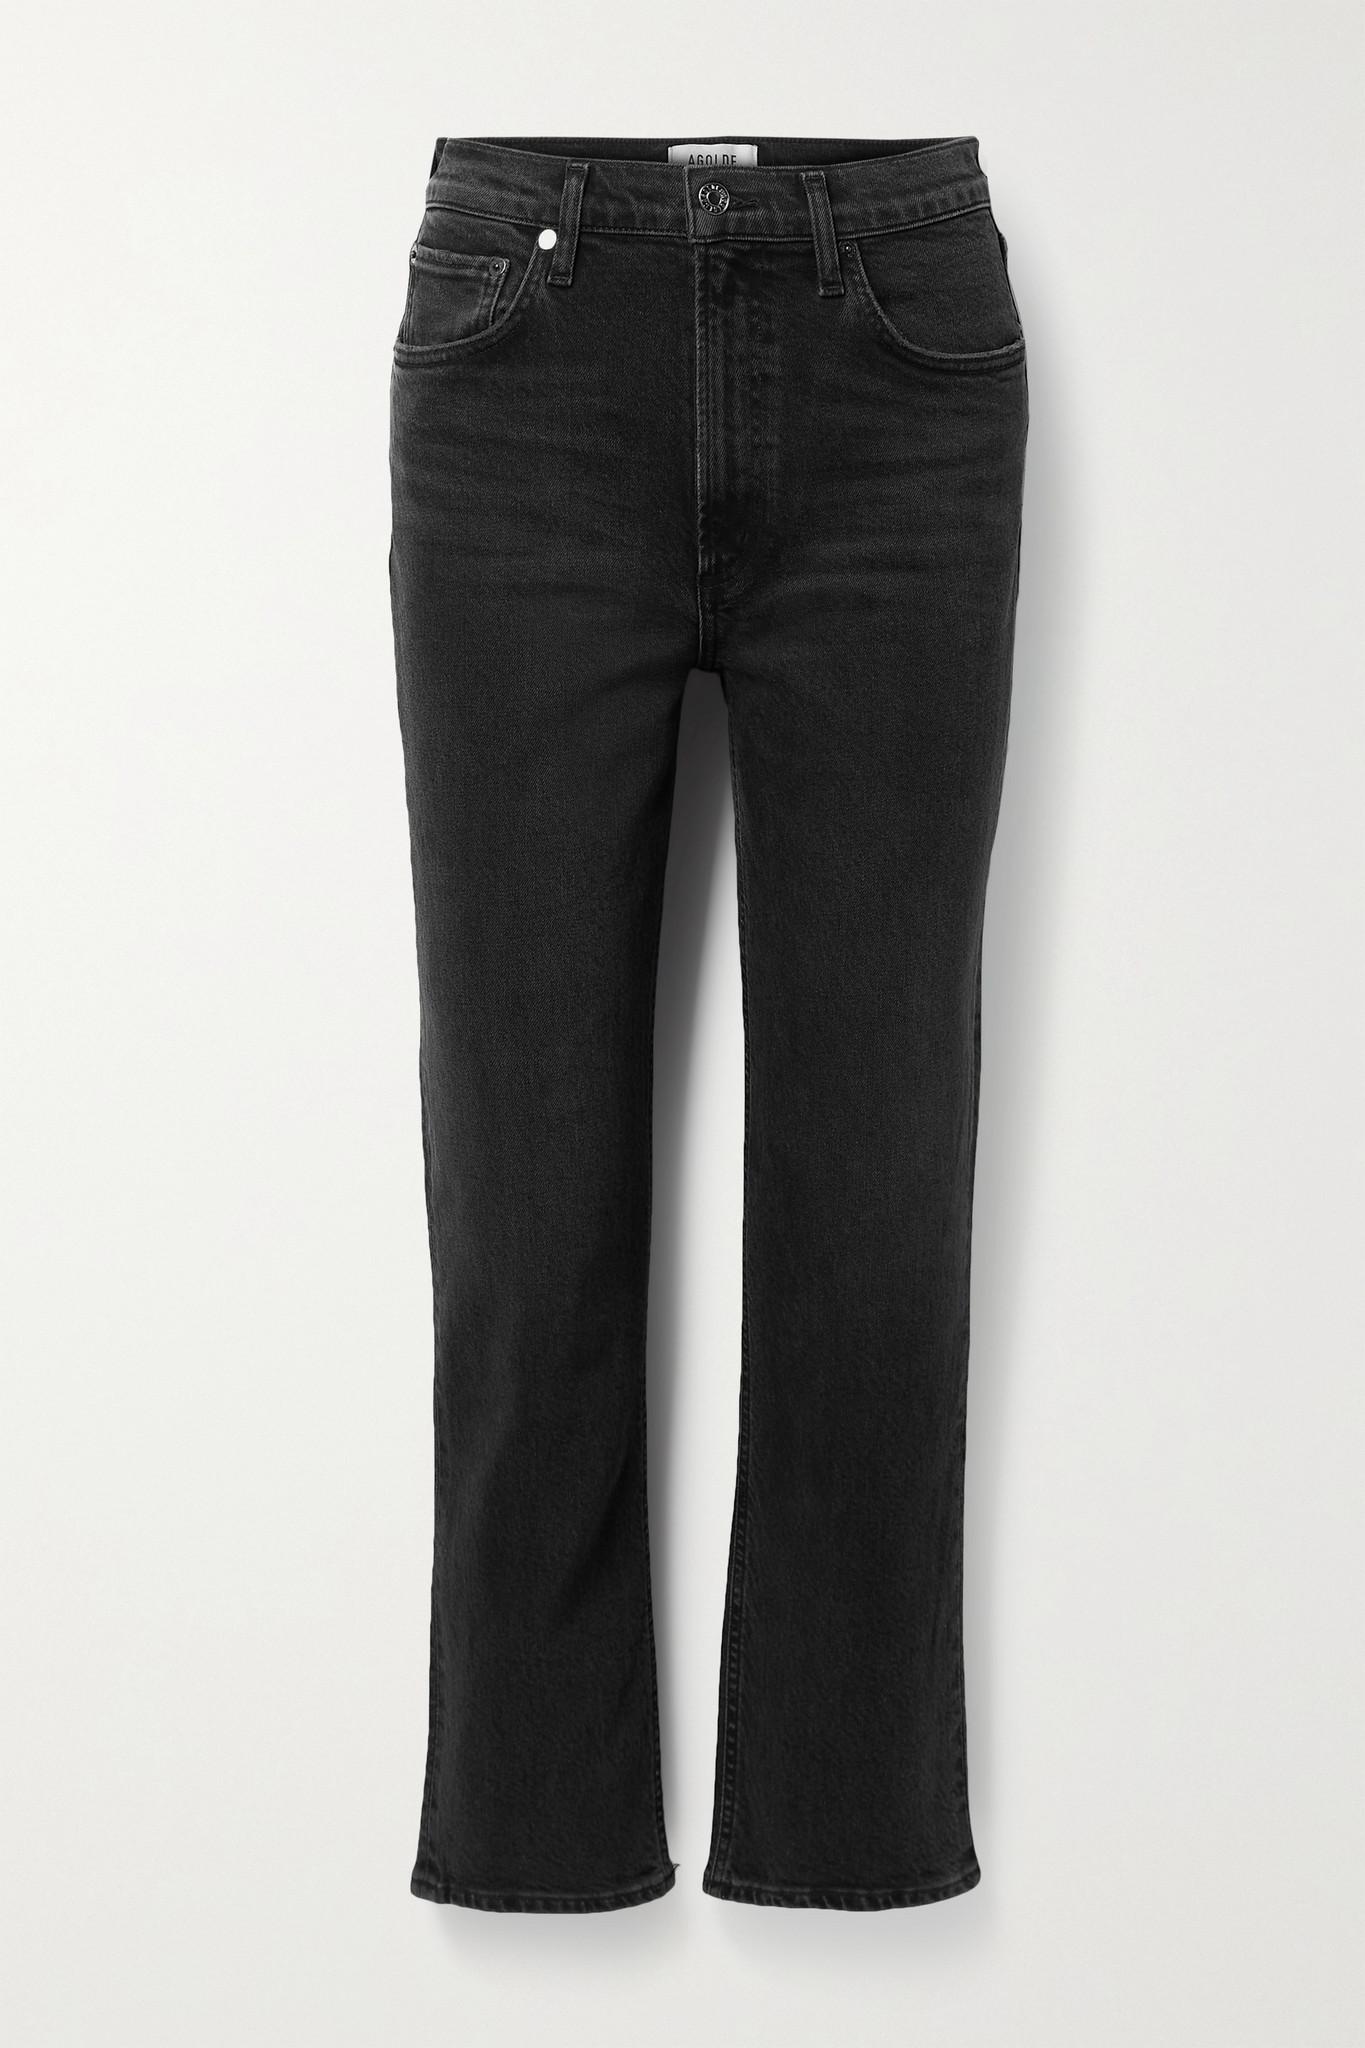 AGOLDE - Wilder 高腰直筒牛仔裤 - 黑色 - 28